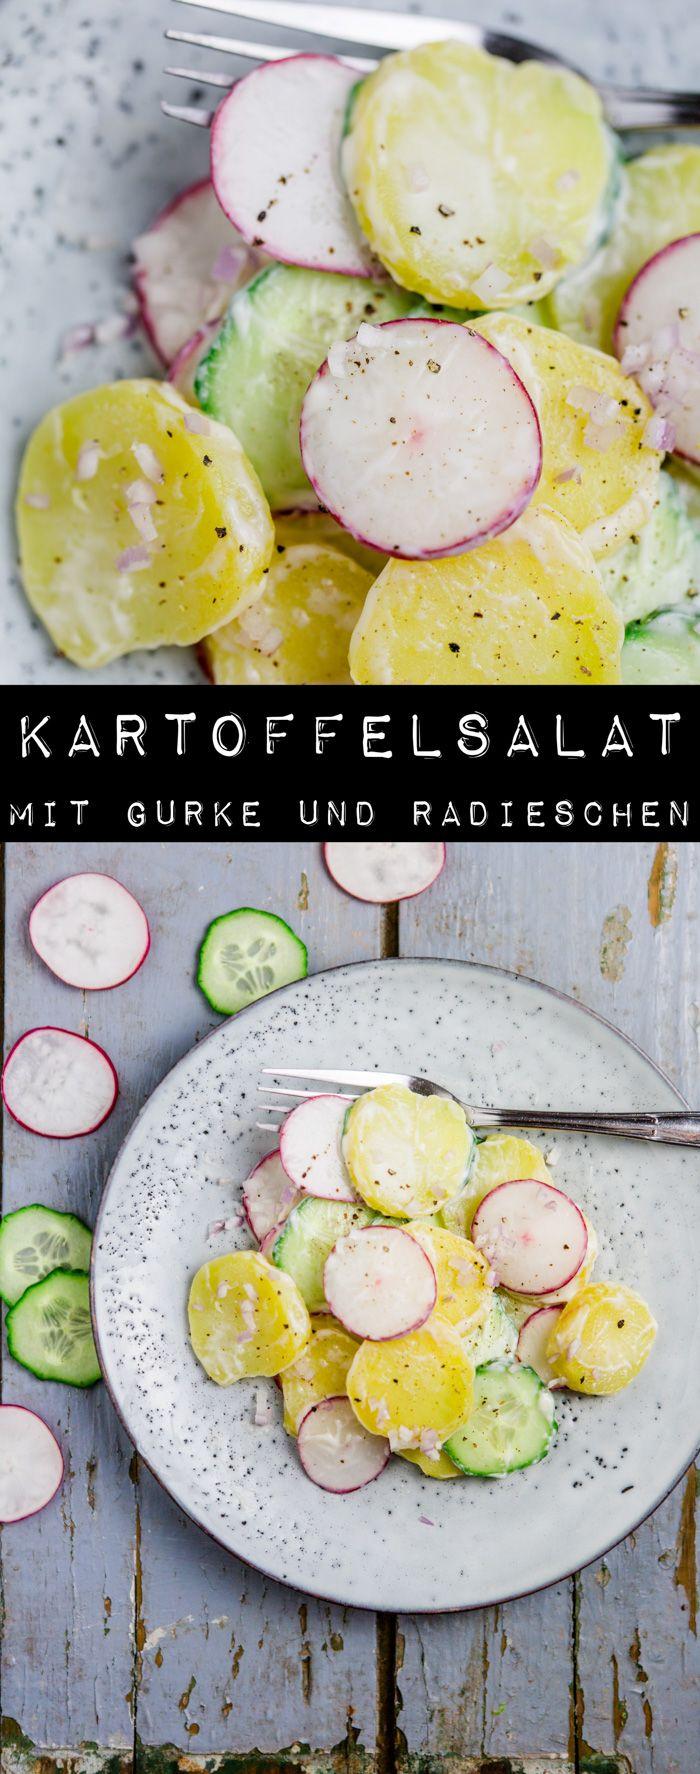 Kartoffelsalat mit Gurke und Radieschen - www.kuechenchaotin.de